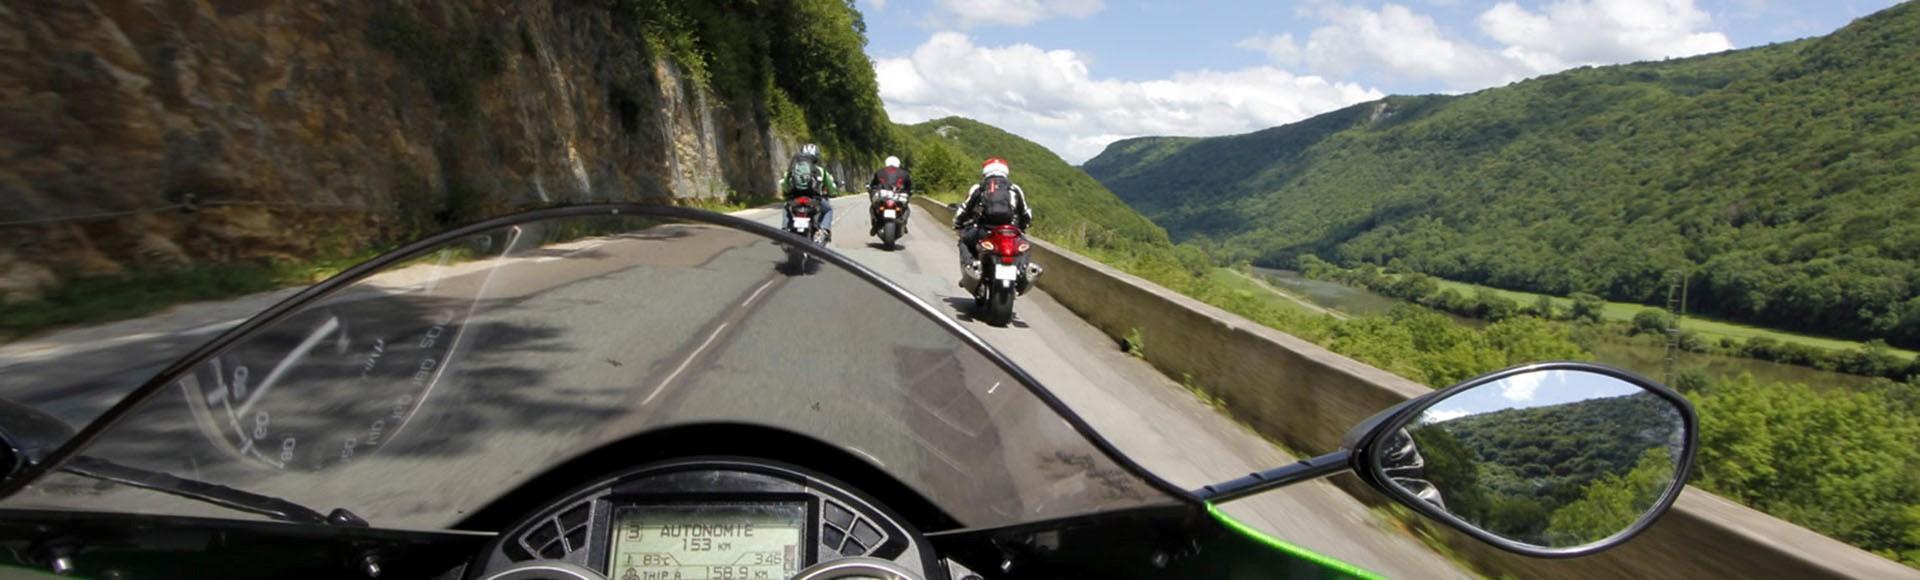 Bienvenue dans le gang des motards !